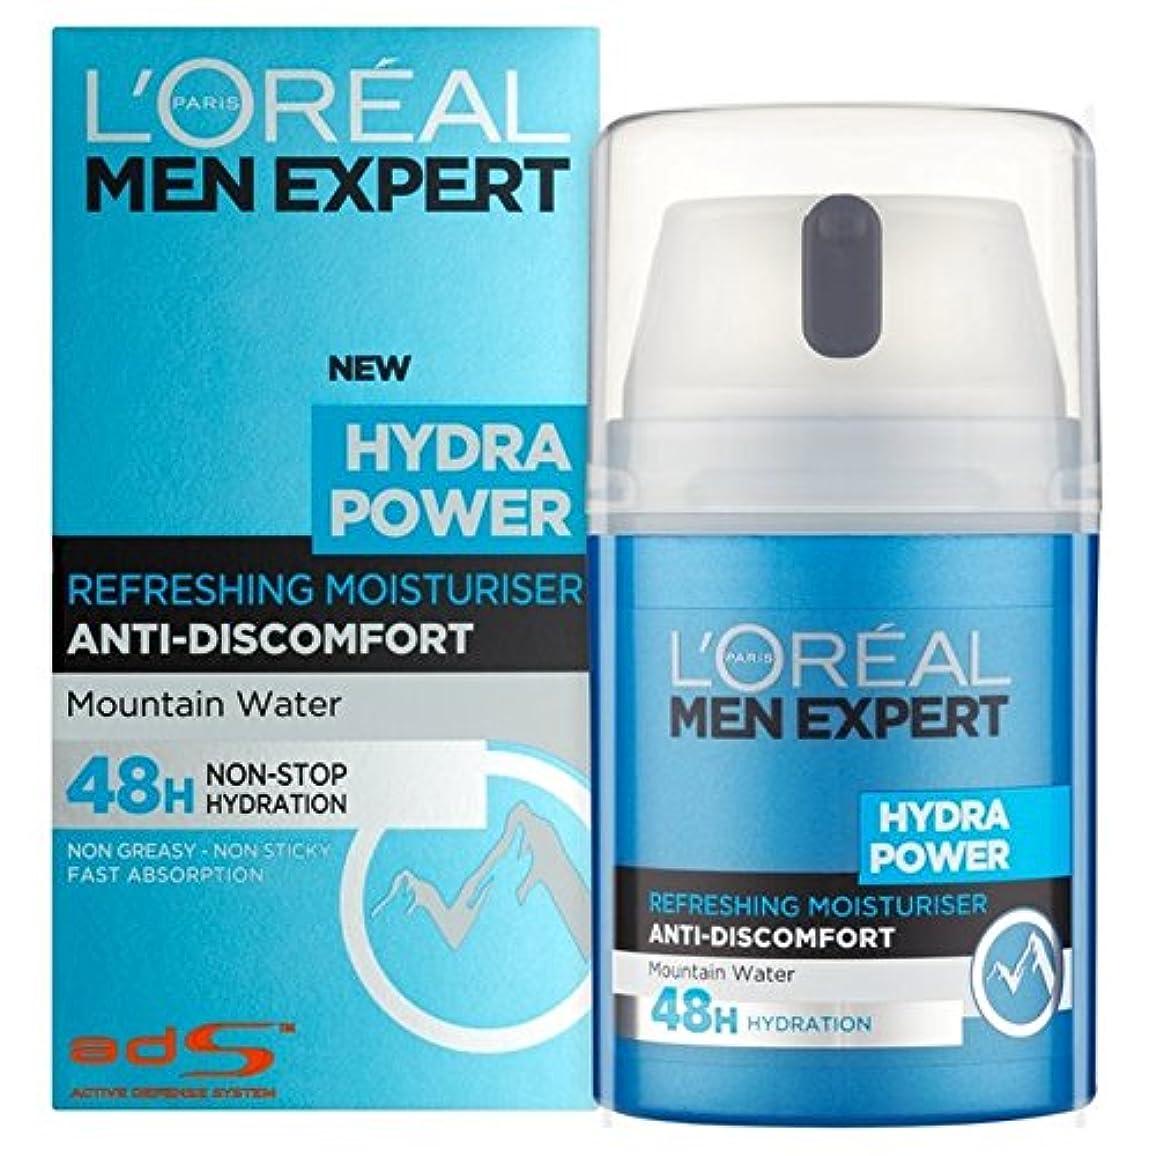 イヤホン呼ぶペフL'Oreal Paris Men Expert Hydra Power Refreshing Moisturiser 50ml - ロレアルパリのメンズ専門ヒドラ電源爽やか保湿50ミリリットル [並行輸入品]